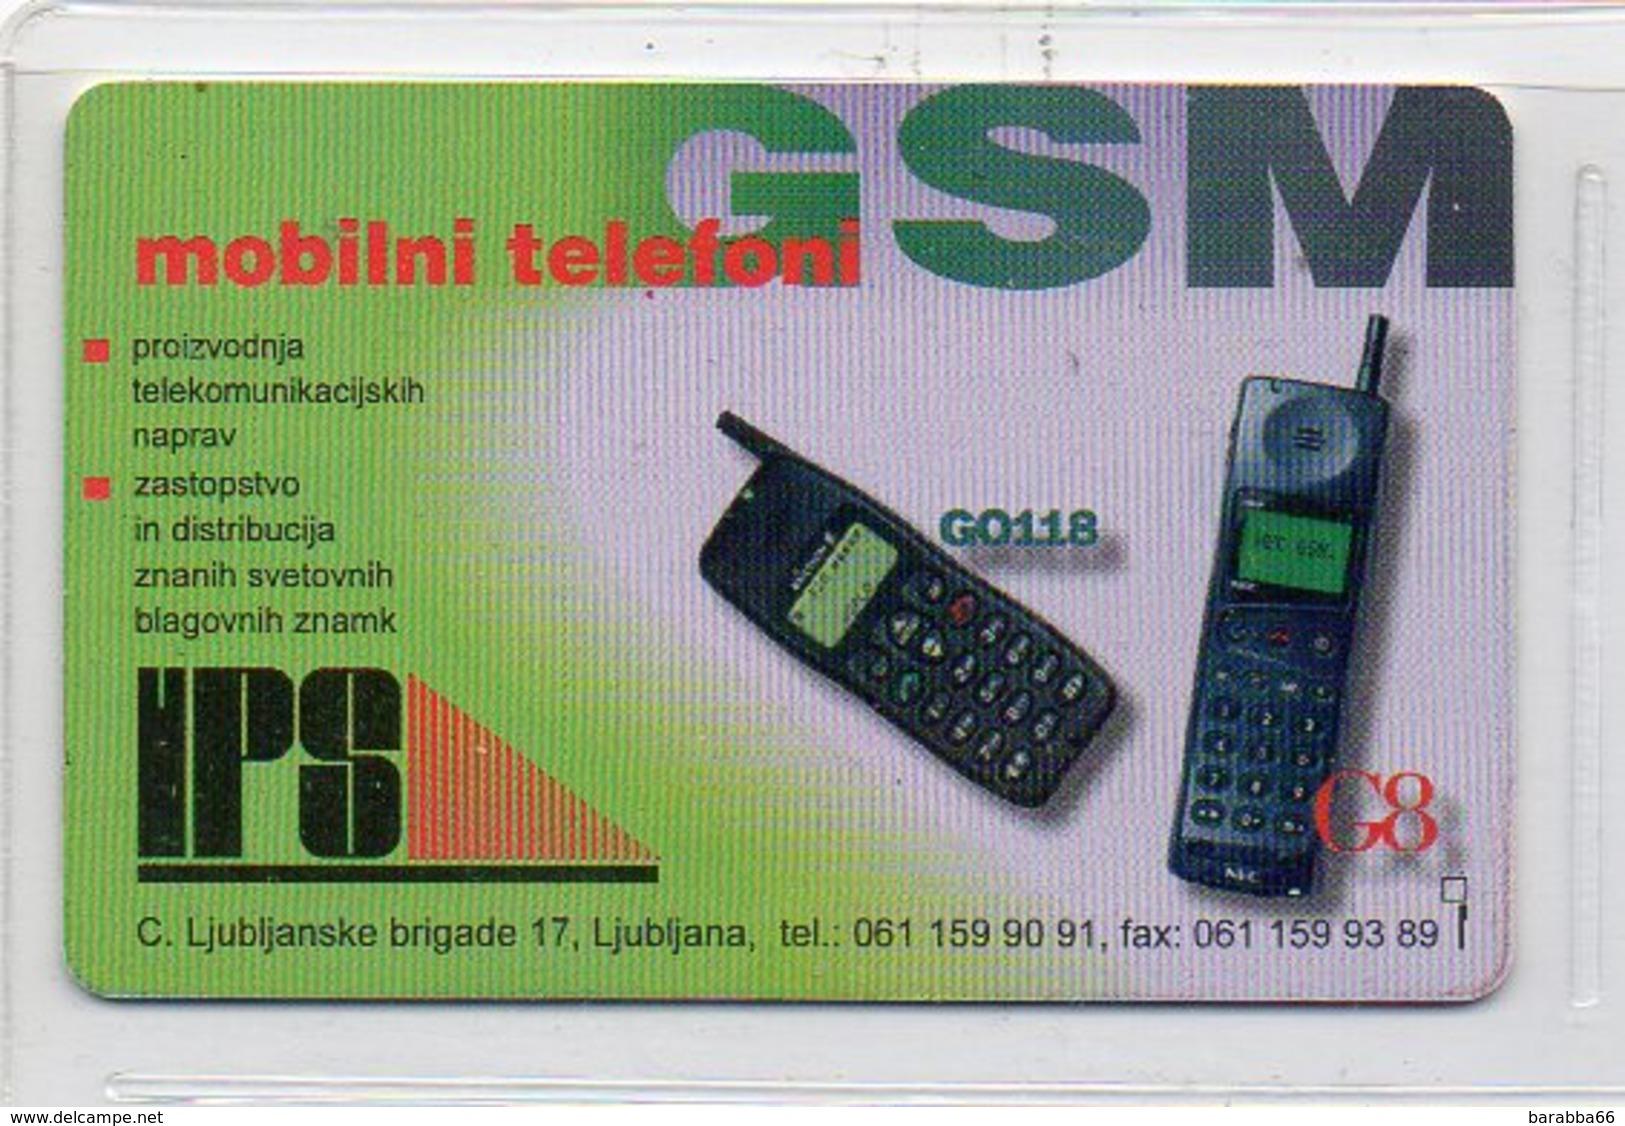 Telekom Slovenije 50 Imp. - CEKINČEK ... - Slovenia